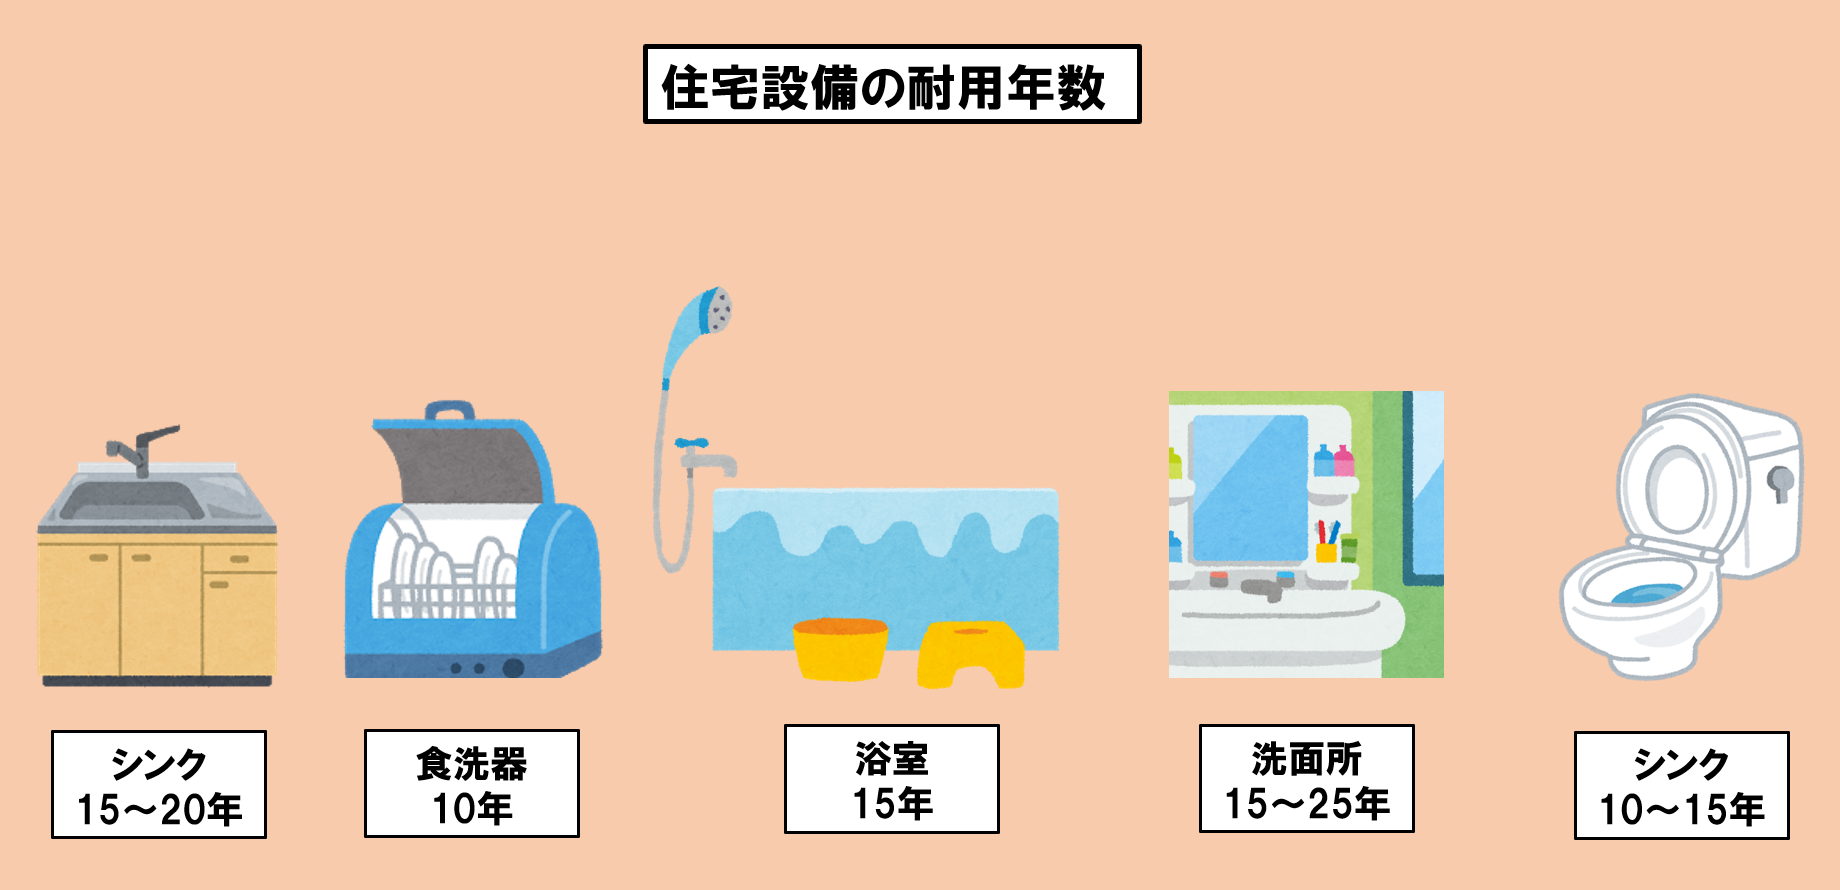 耐用 年数 器 温水